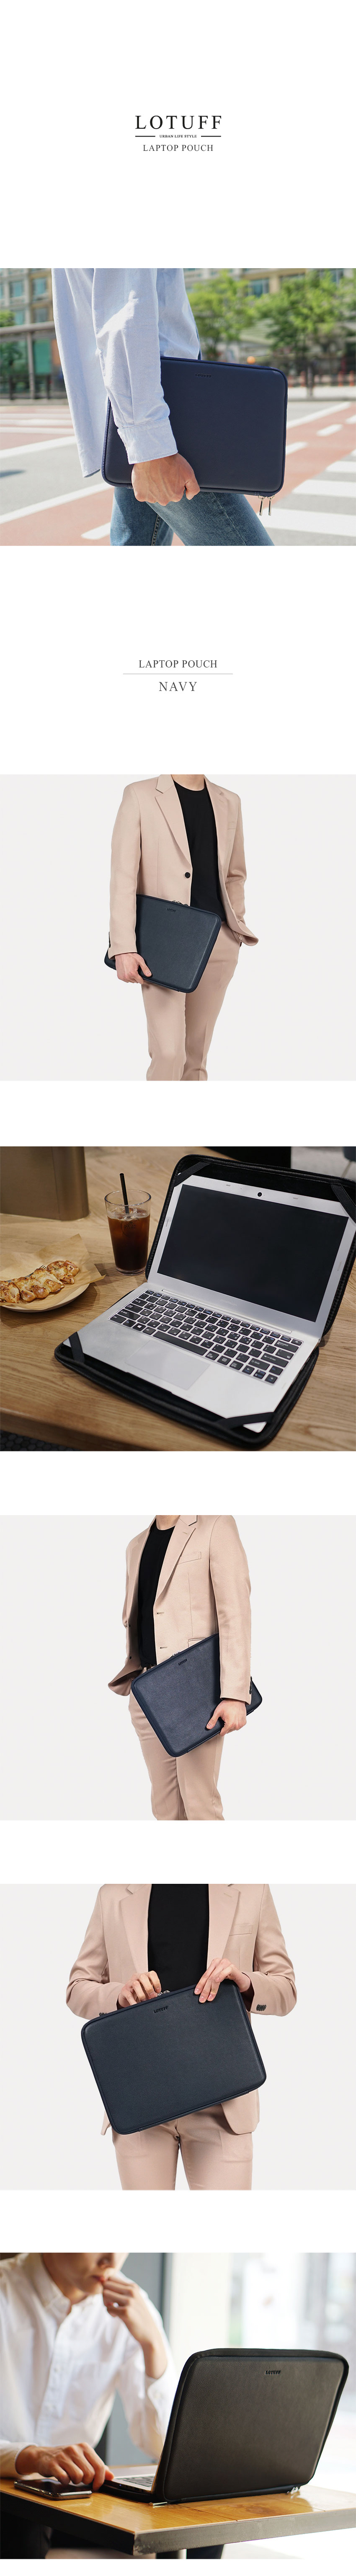 로터프(LOTUFF) (가격변동으로인해 진열내림처리) 맥북케이스 LO-8820-15 NV